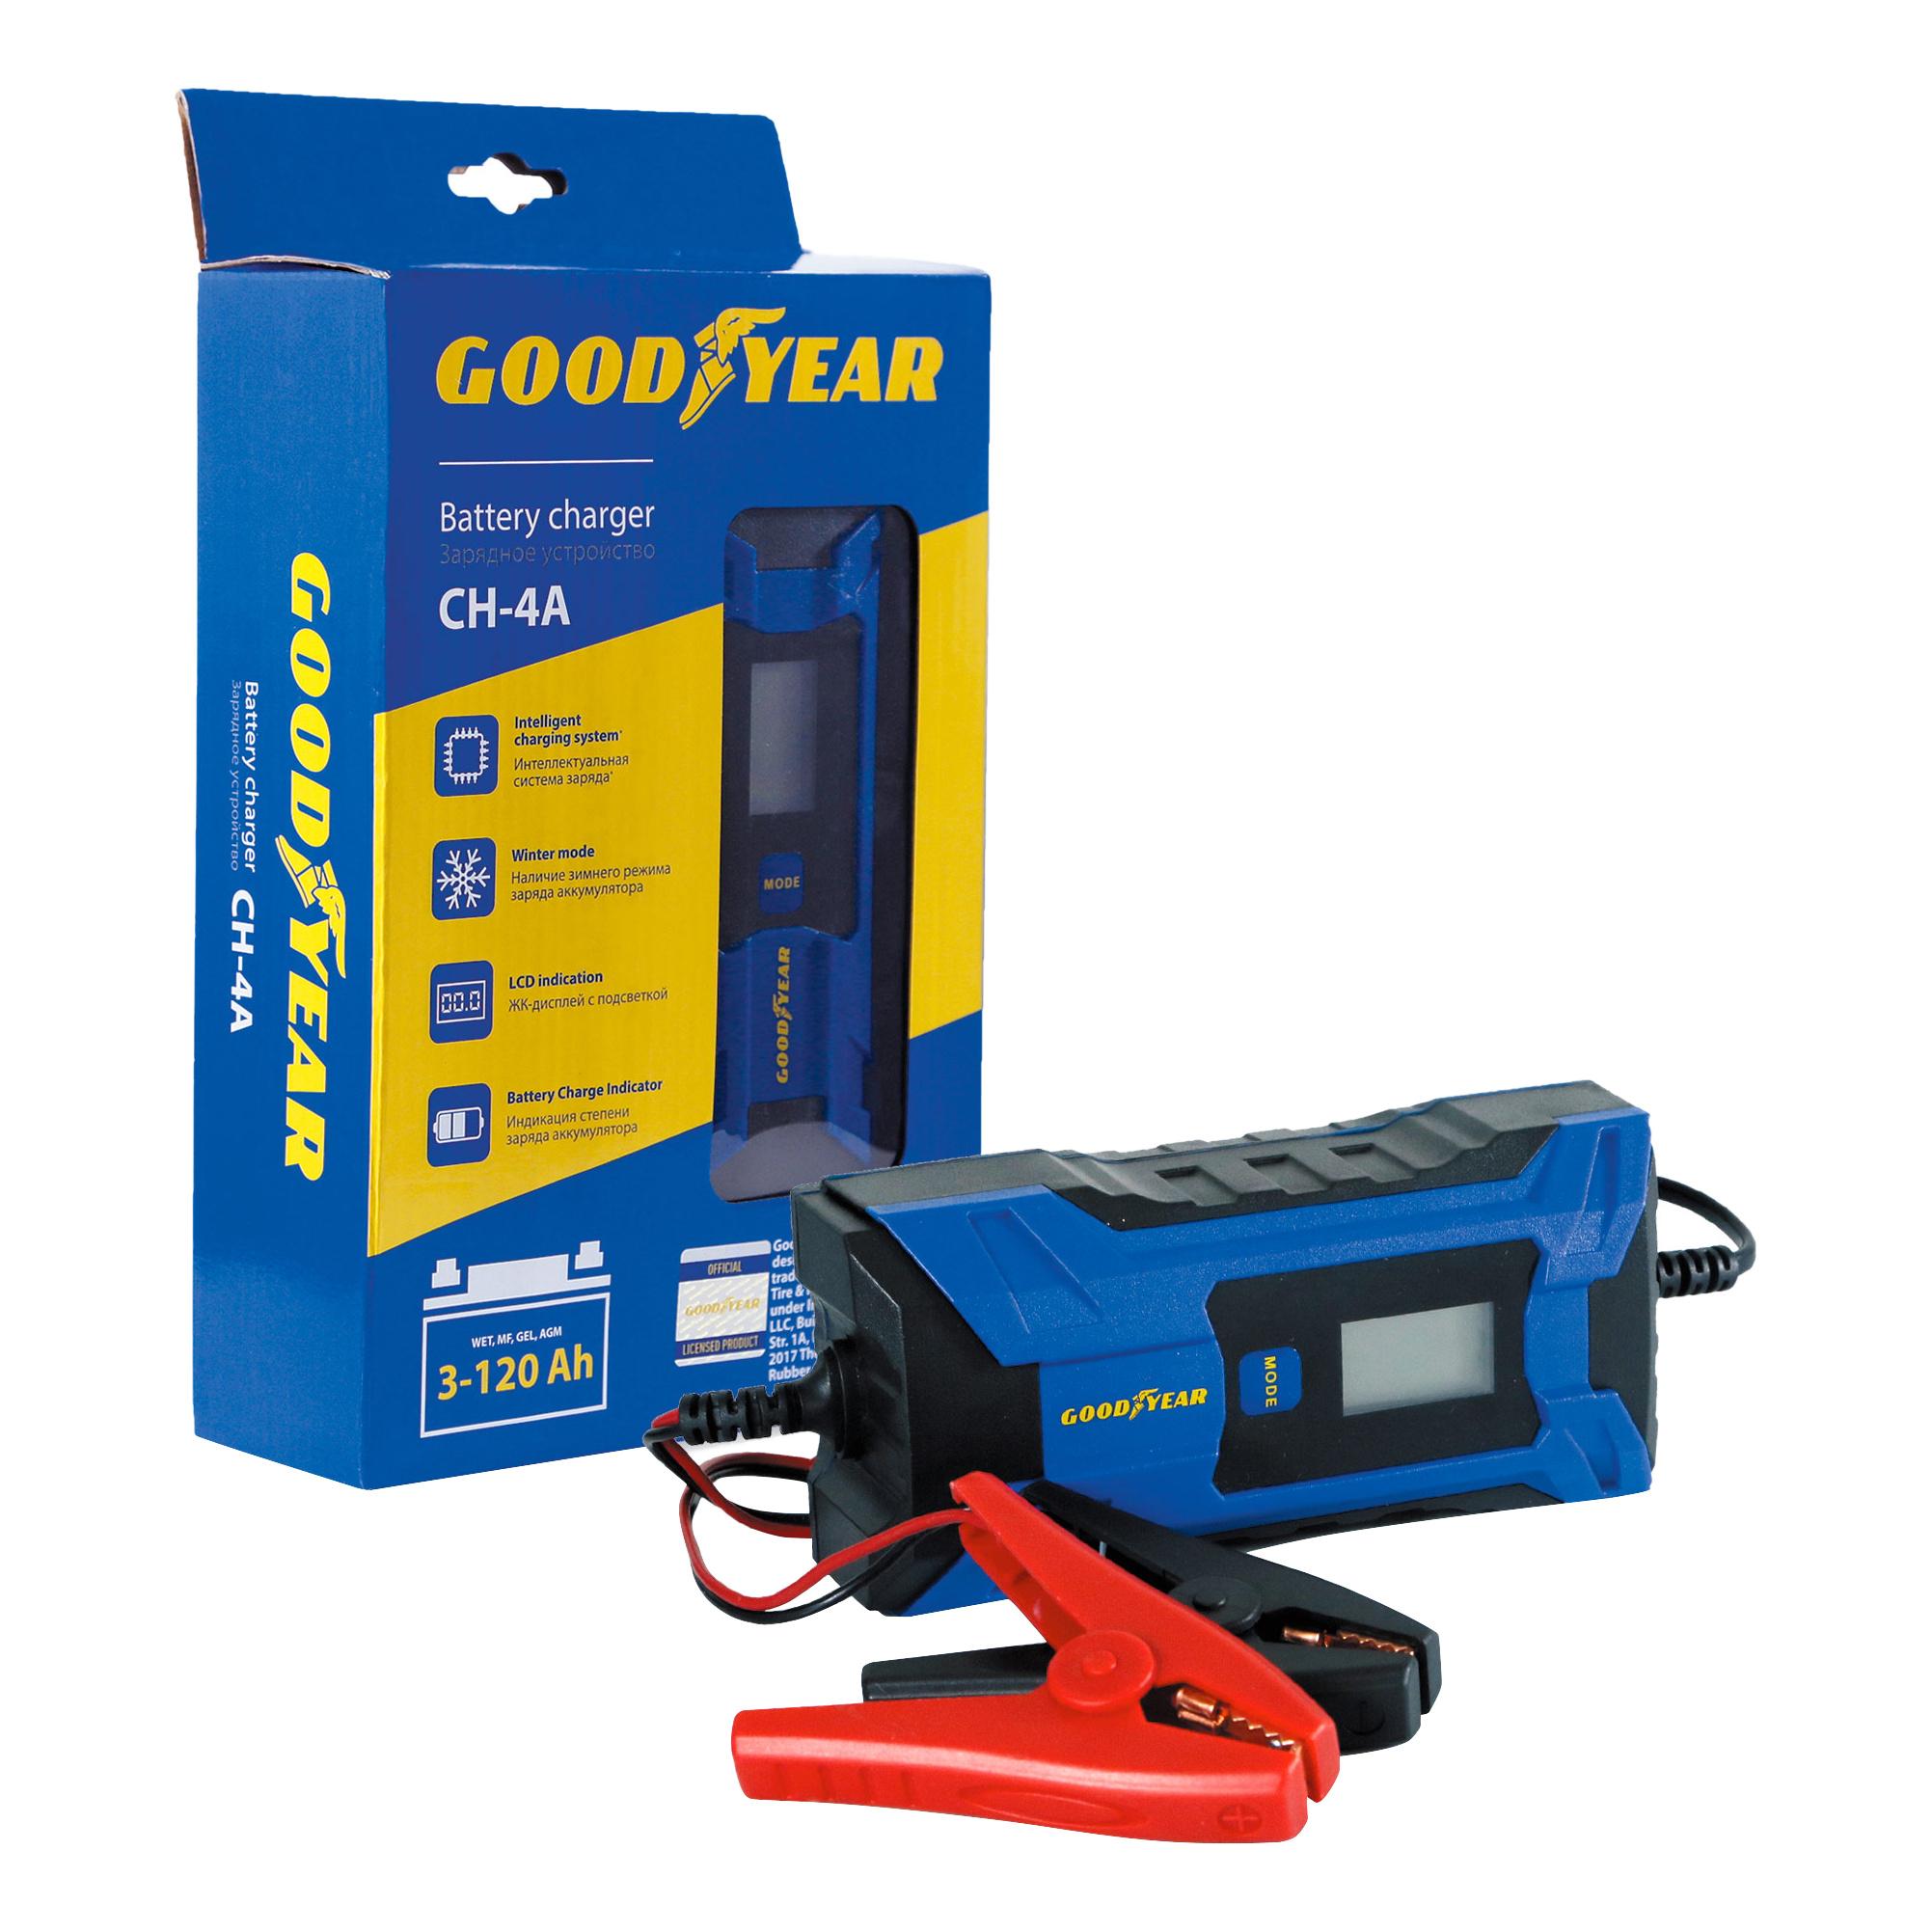 Зарядное устройство для АКБ GOODYEAR 12-6B 120Ач GY003001 зарядное устройство для АКБ CH-4A GY003001